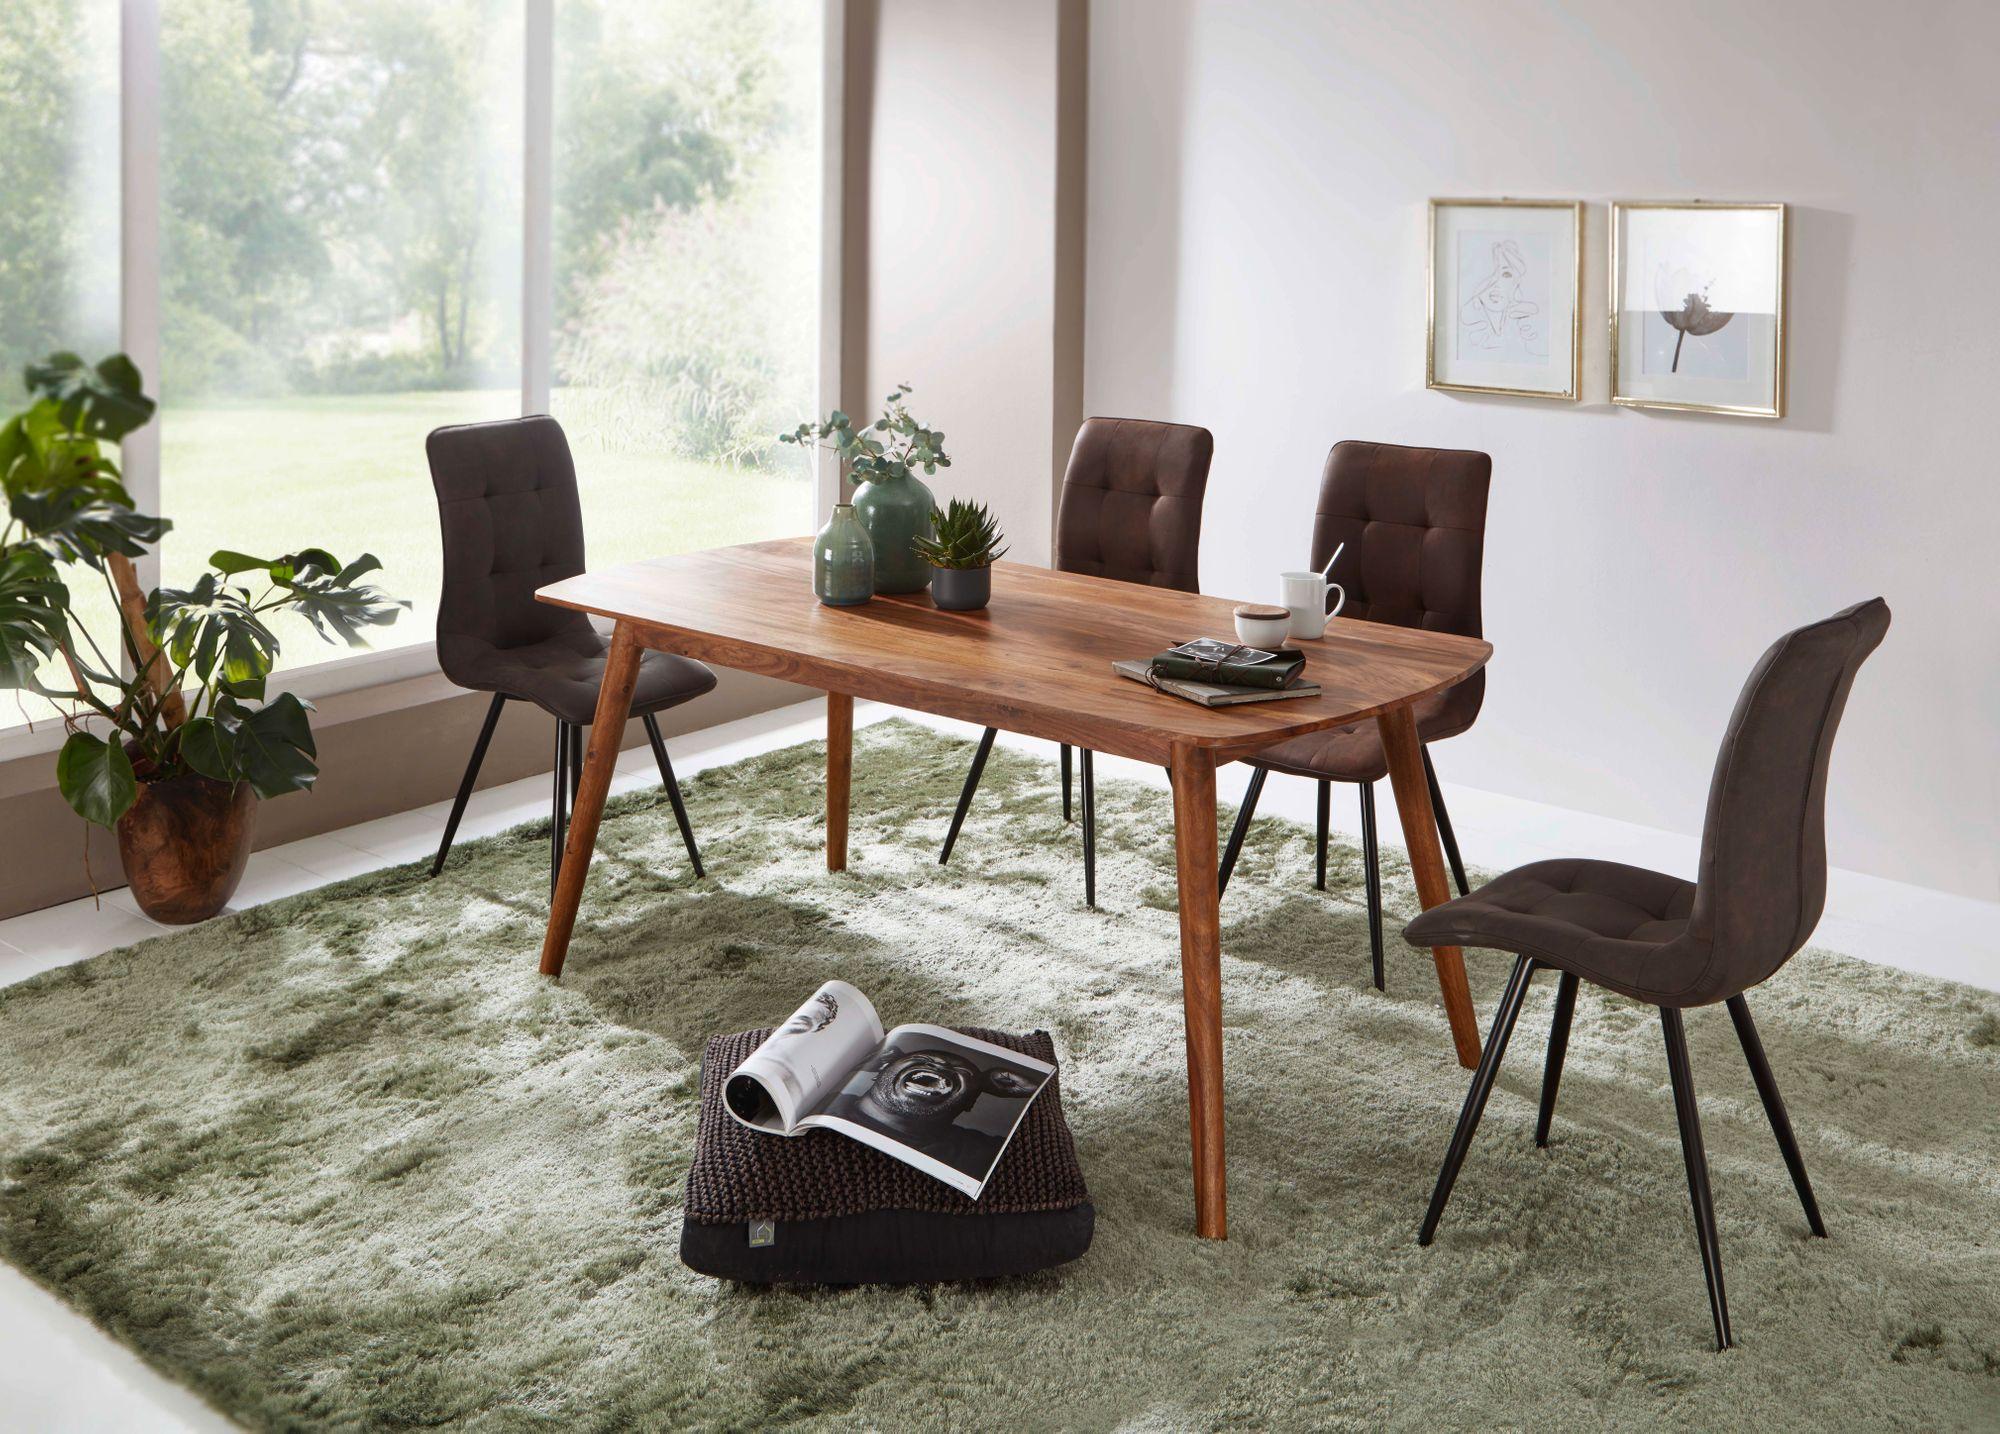 Cuisine Maison Campagne cuisine & maison finebuy table à manger bois massif table de